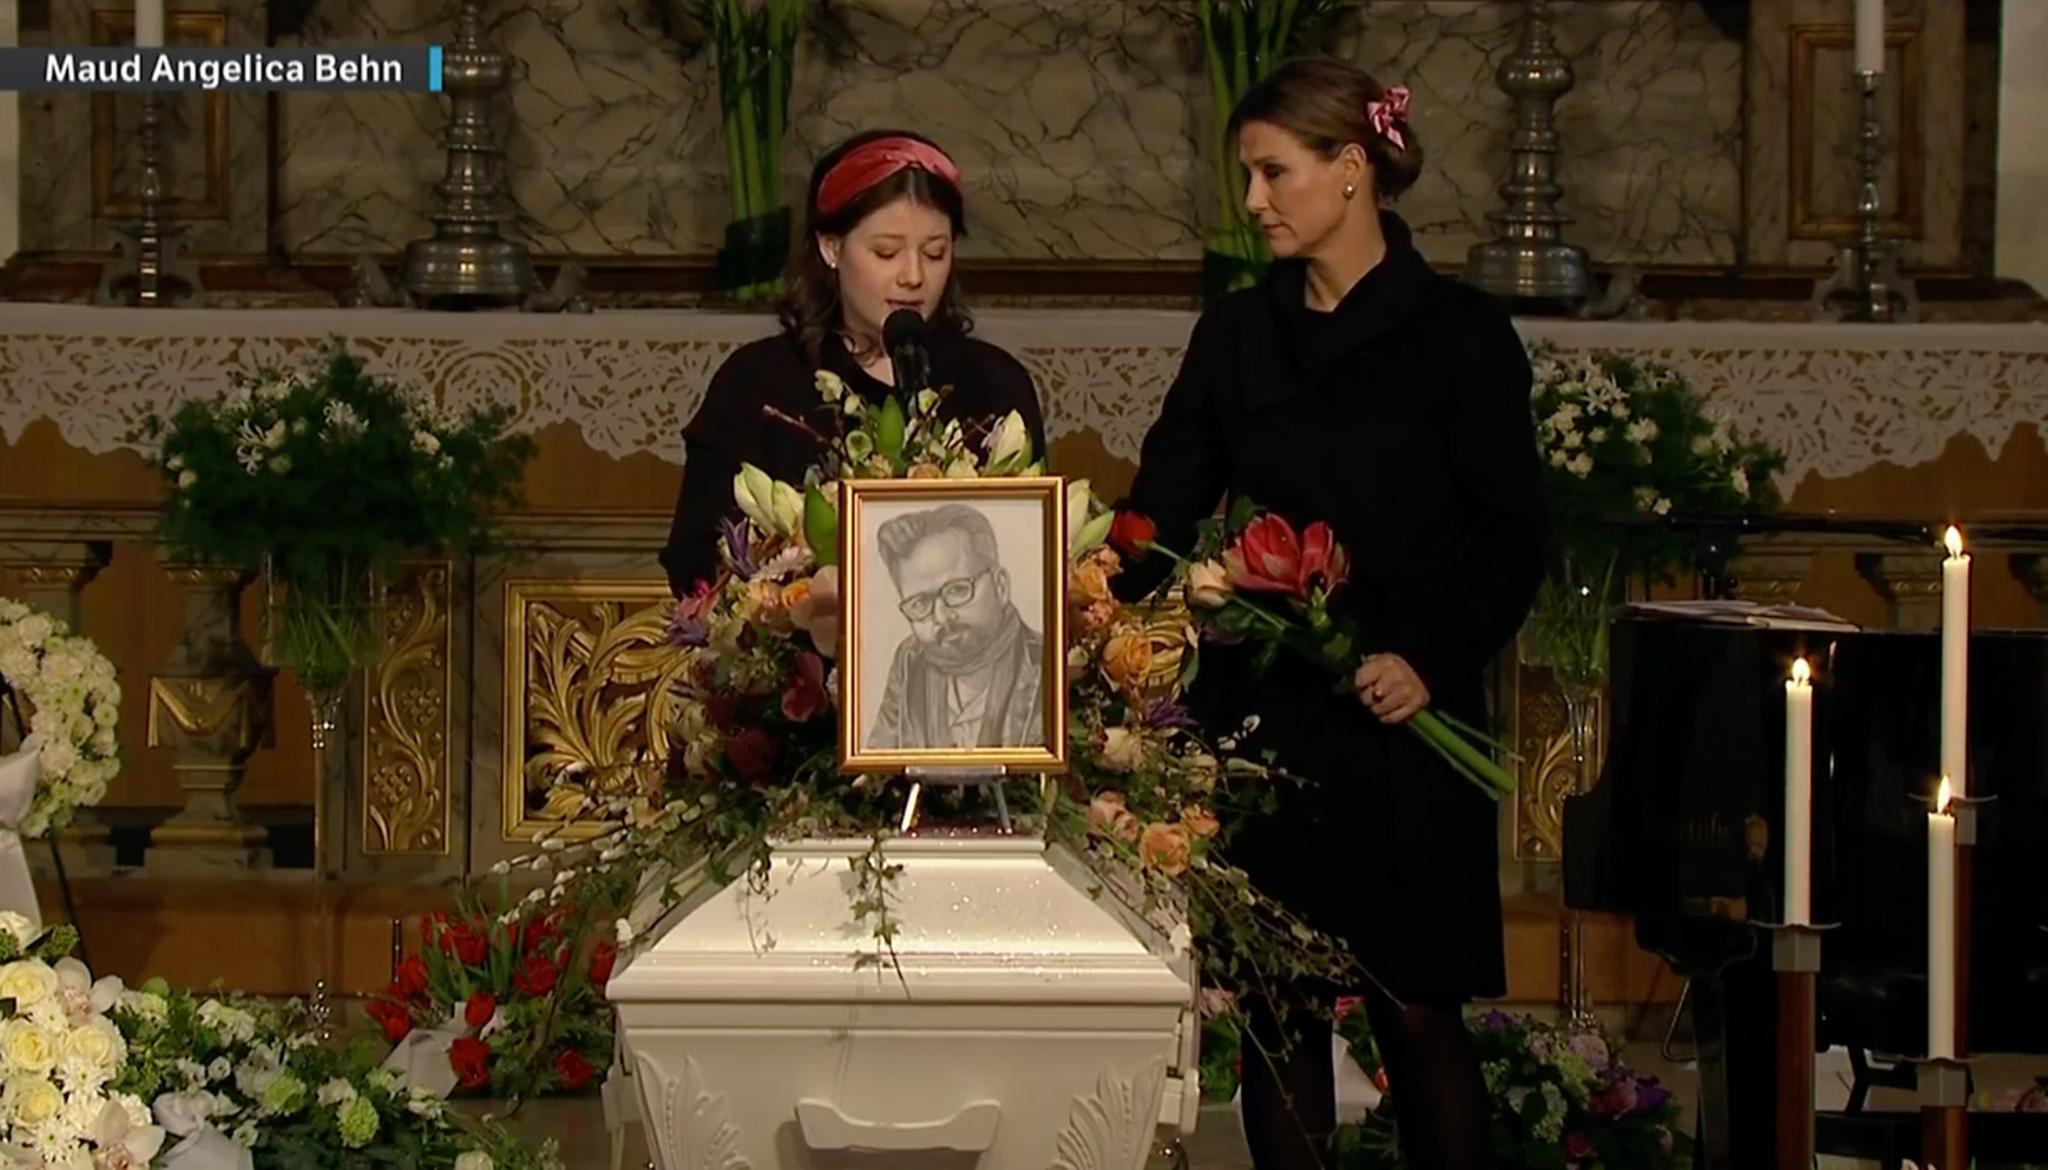 Maud Angelica richtet persönliche Worte an ihren Vater. Prinzessin Märtha Louise steht ihr zur Seite.